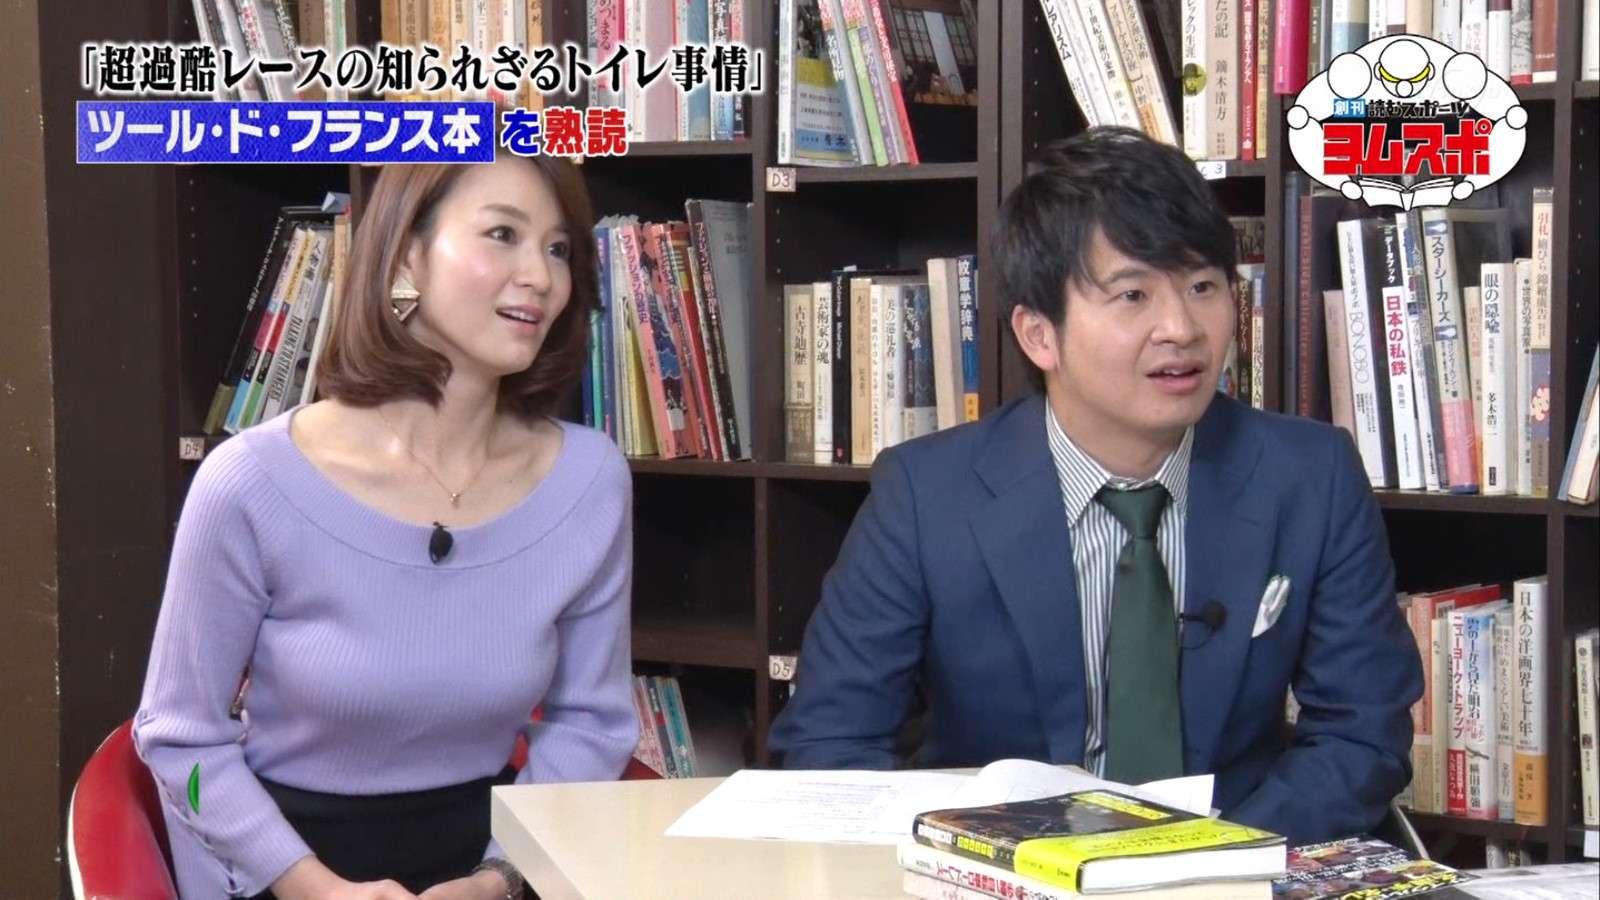 秋元玲奈のAVアダルト画像